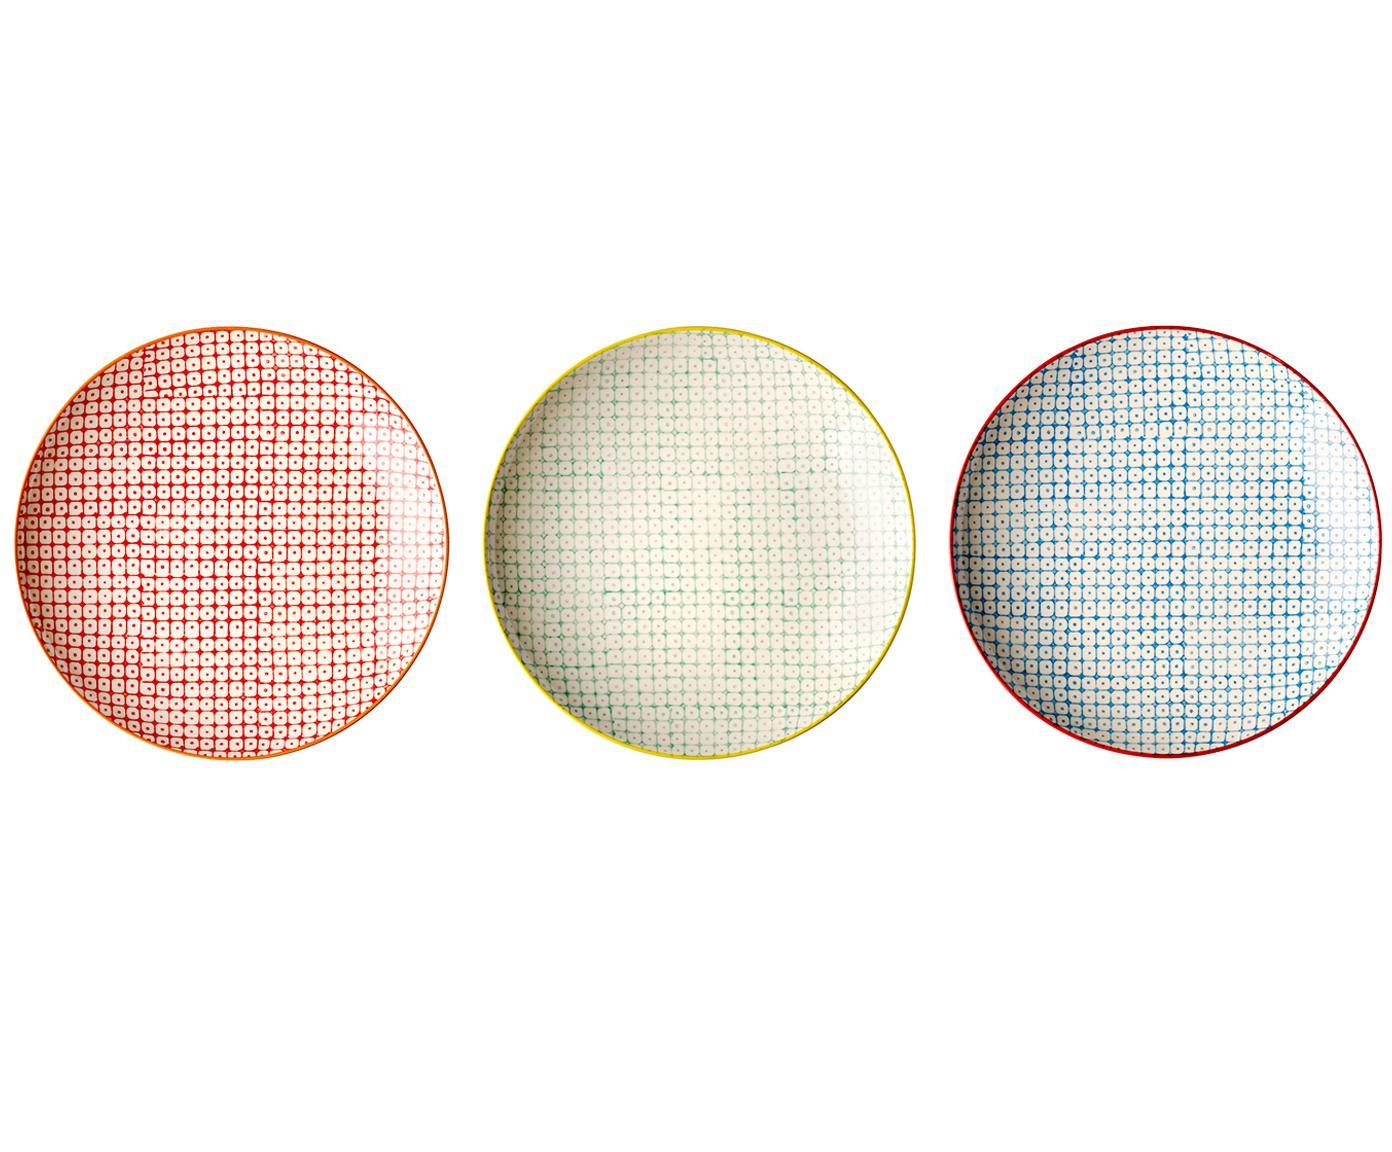 Frühstücksteller-Set Carla, 3-tlg., Keramik, Rot, Grün, Blau, Ø 20 cm